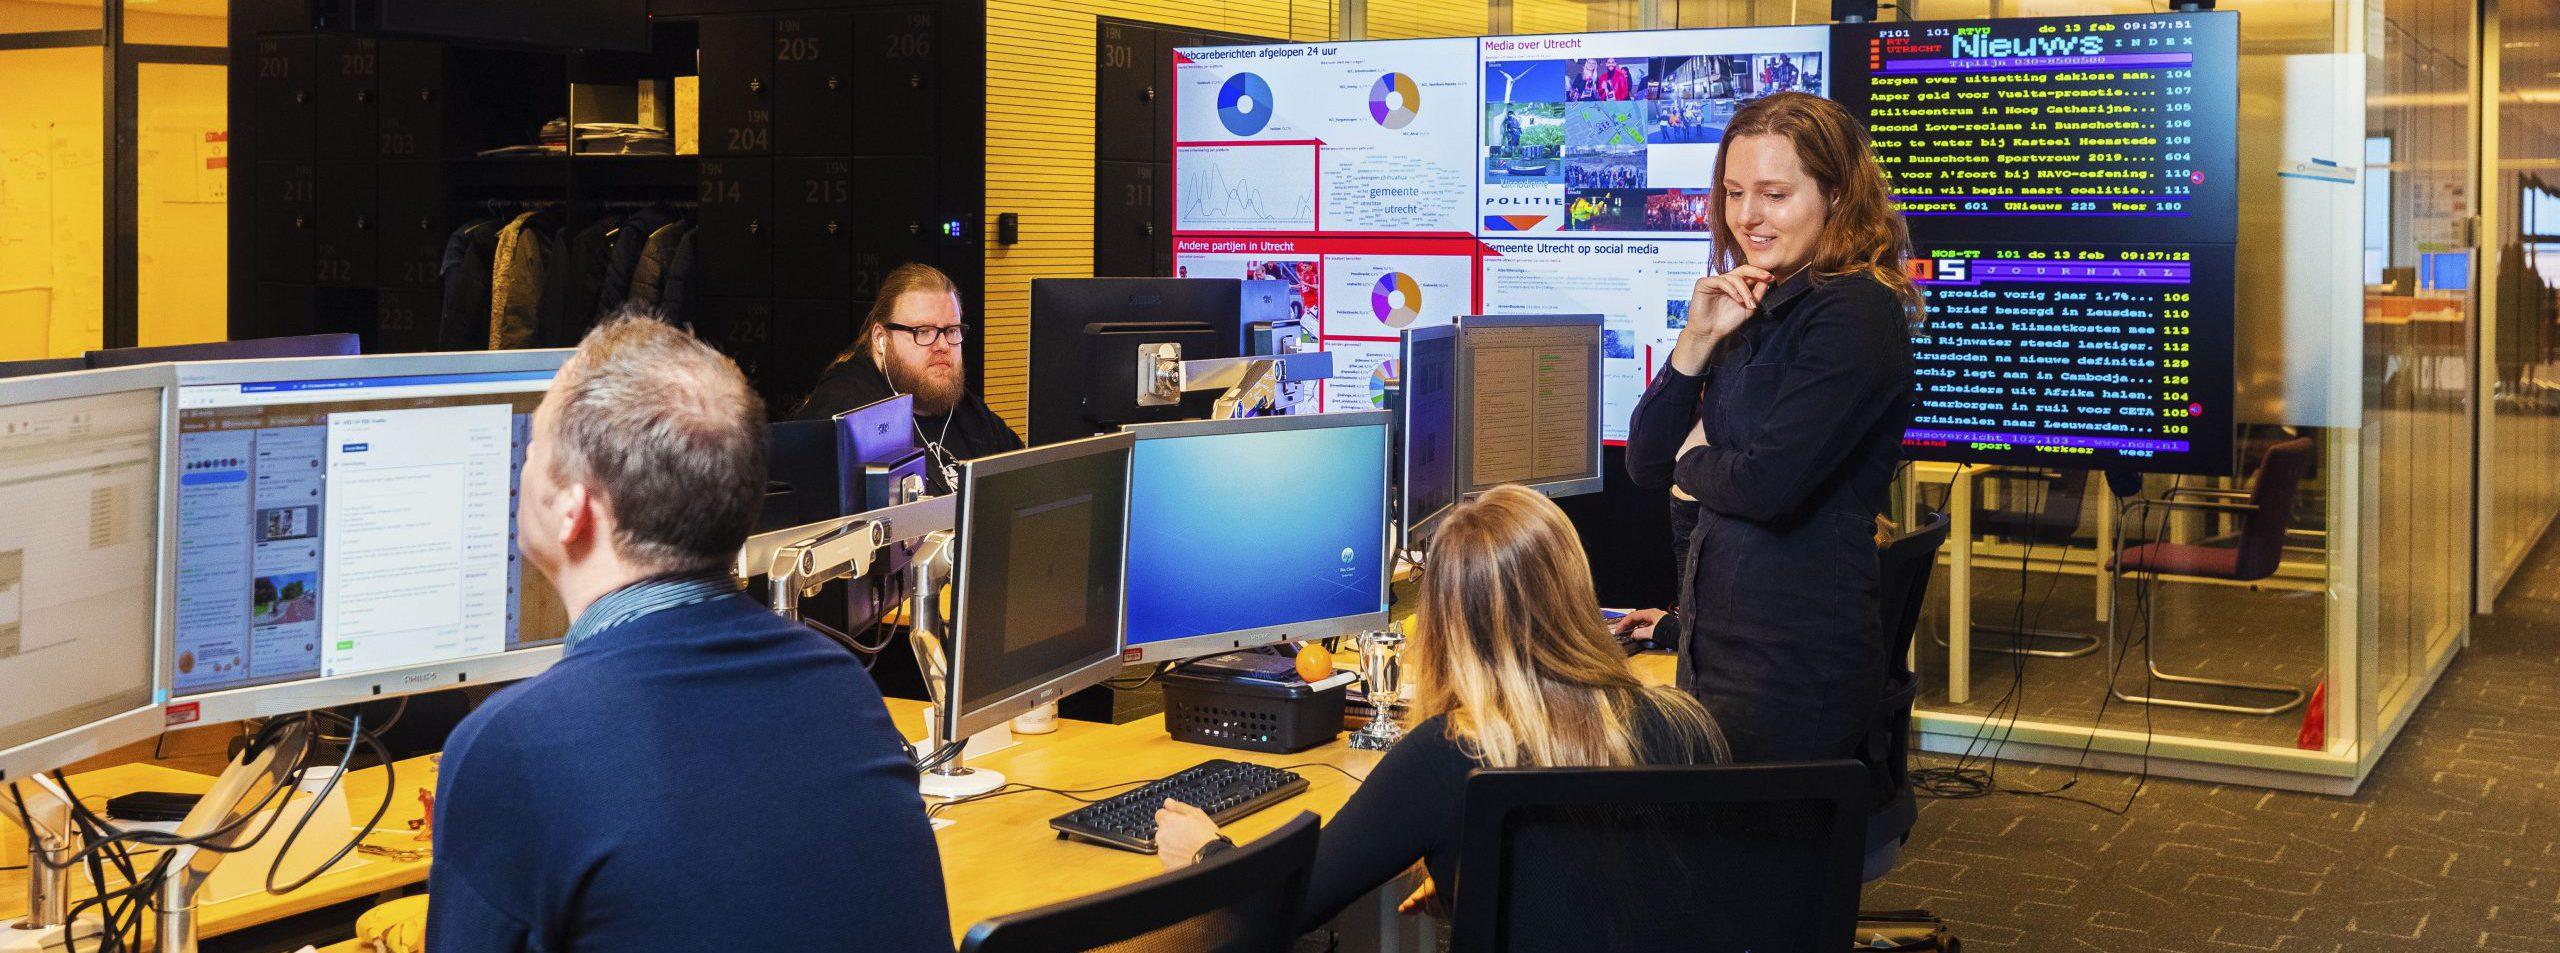 vier collega's die zitten en staan om een blok van zes bureaus bij communicatie van gemeente Utrecht. Op de achtergrond zijn verschillende beeldschermen waar al het nieuws wordt getoond en bijhegouden.